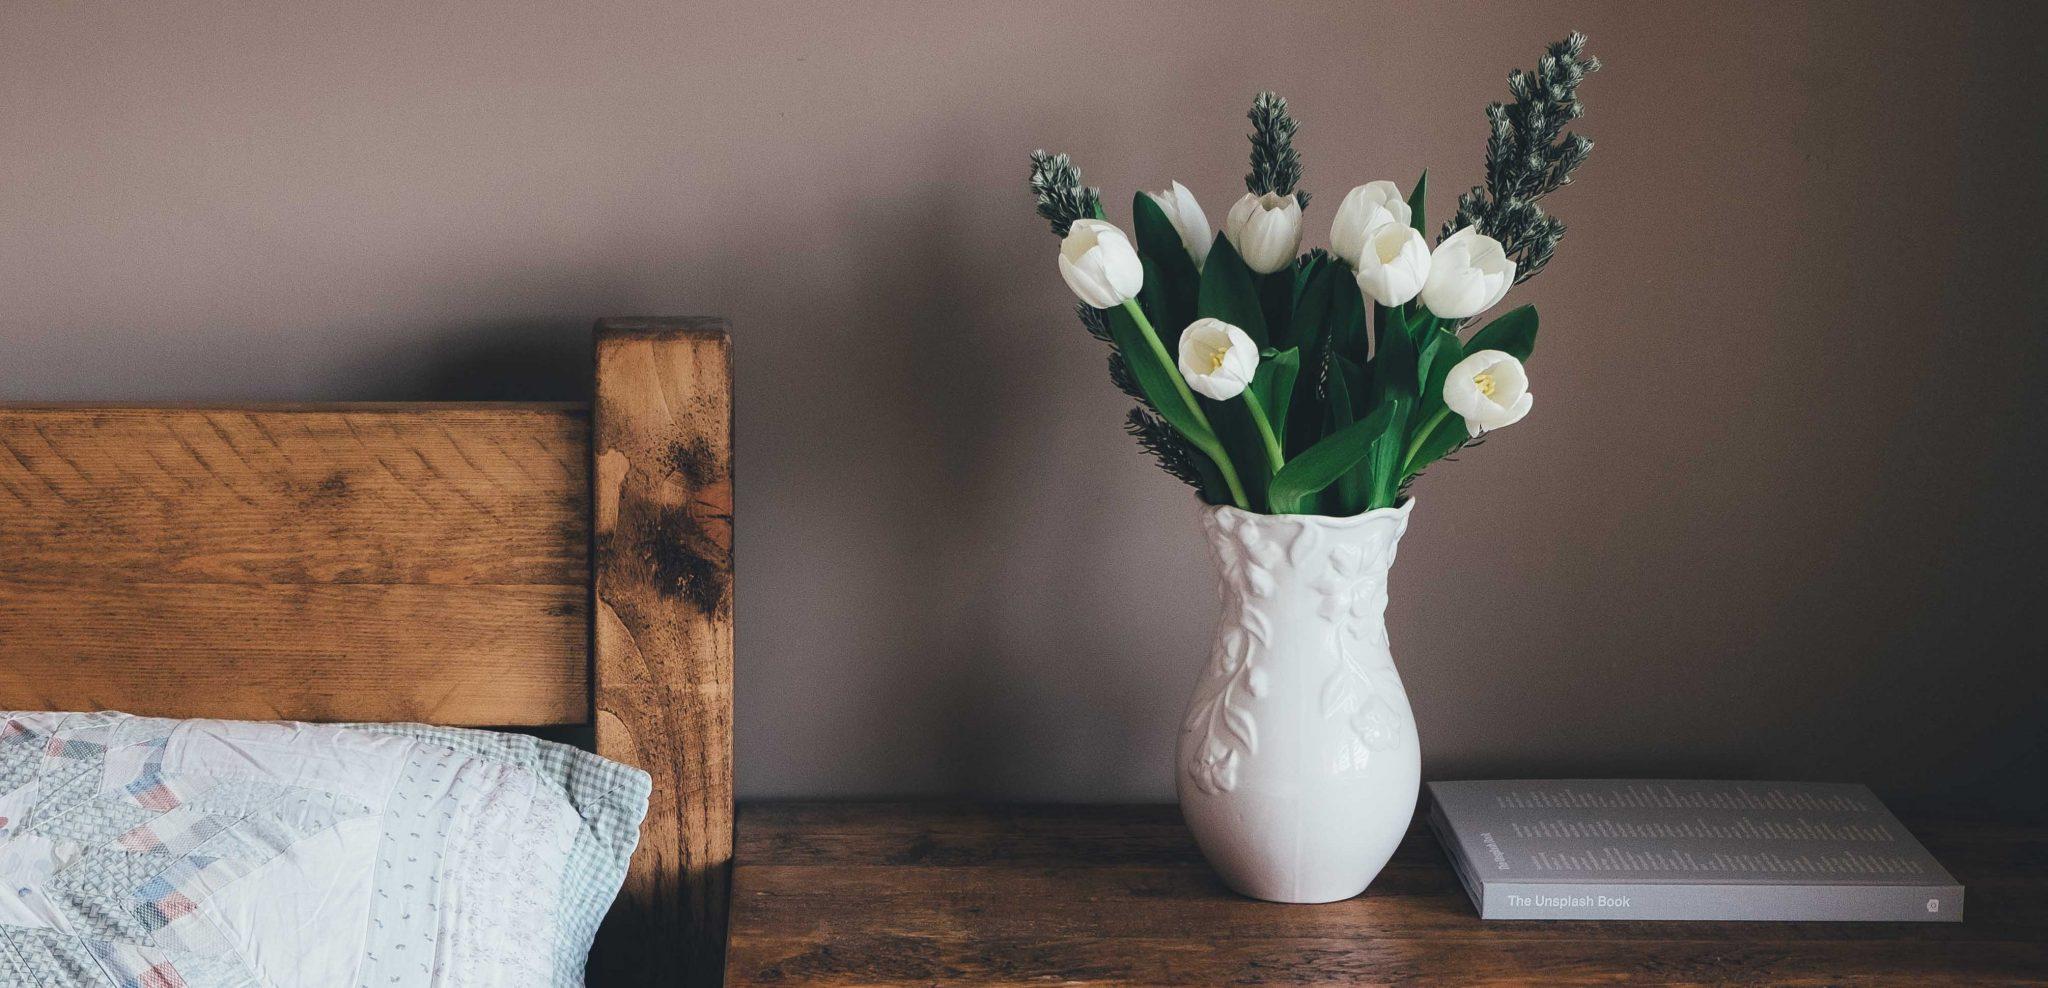 Bir Acayip Bilgiler #17: Ev çiçekleri bize nasıl zarar verebilirler? -   i  ek - Bir Acayip Bilgiler #17: Ev çiçekleri bize nasıl zarar verebilirler?